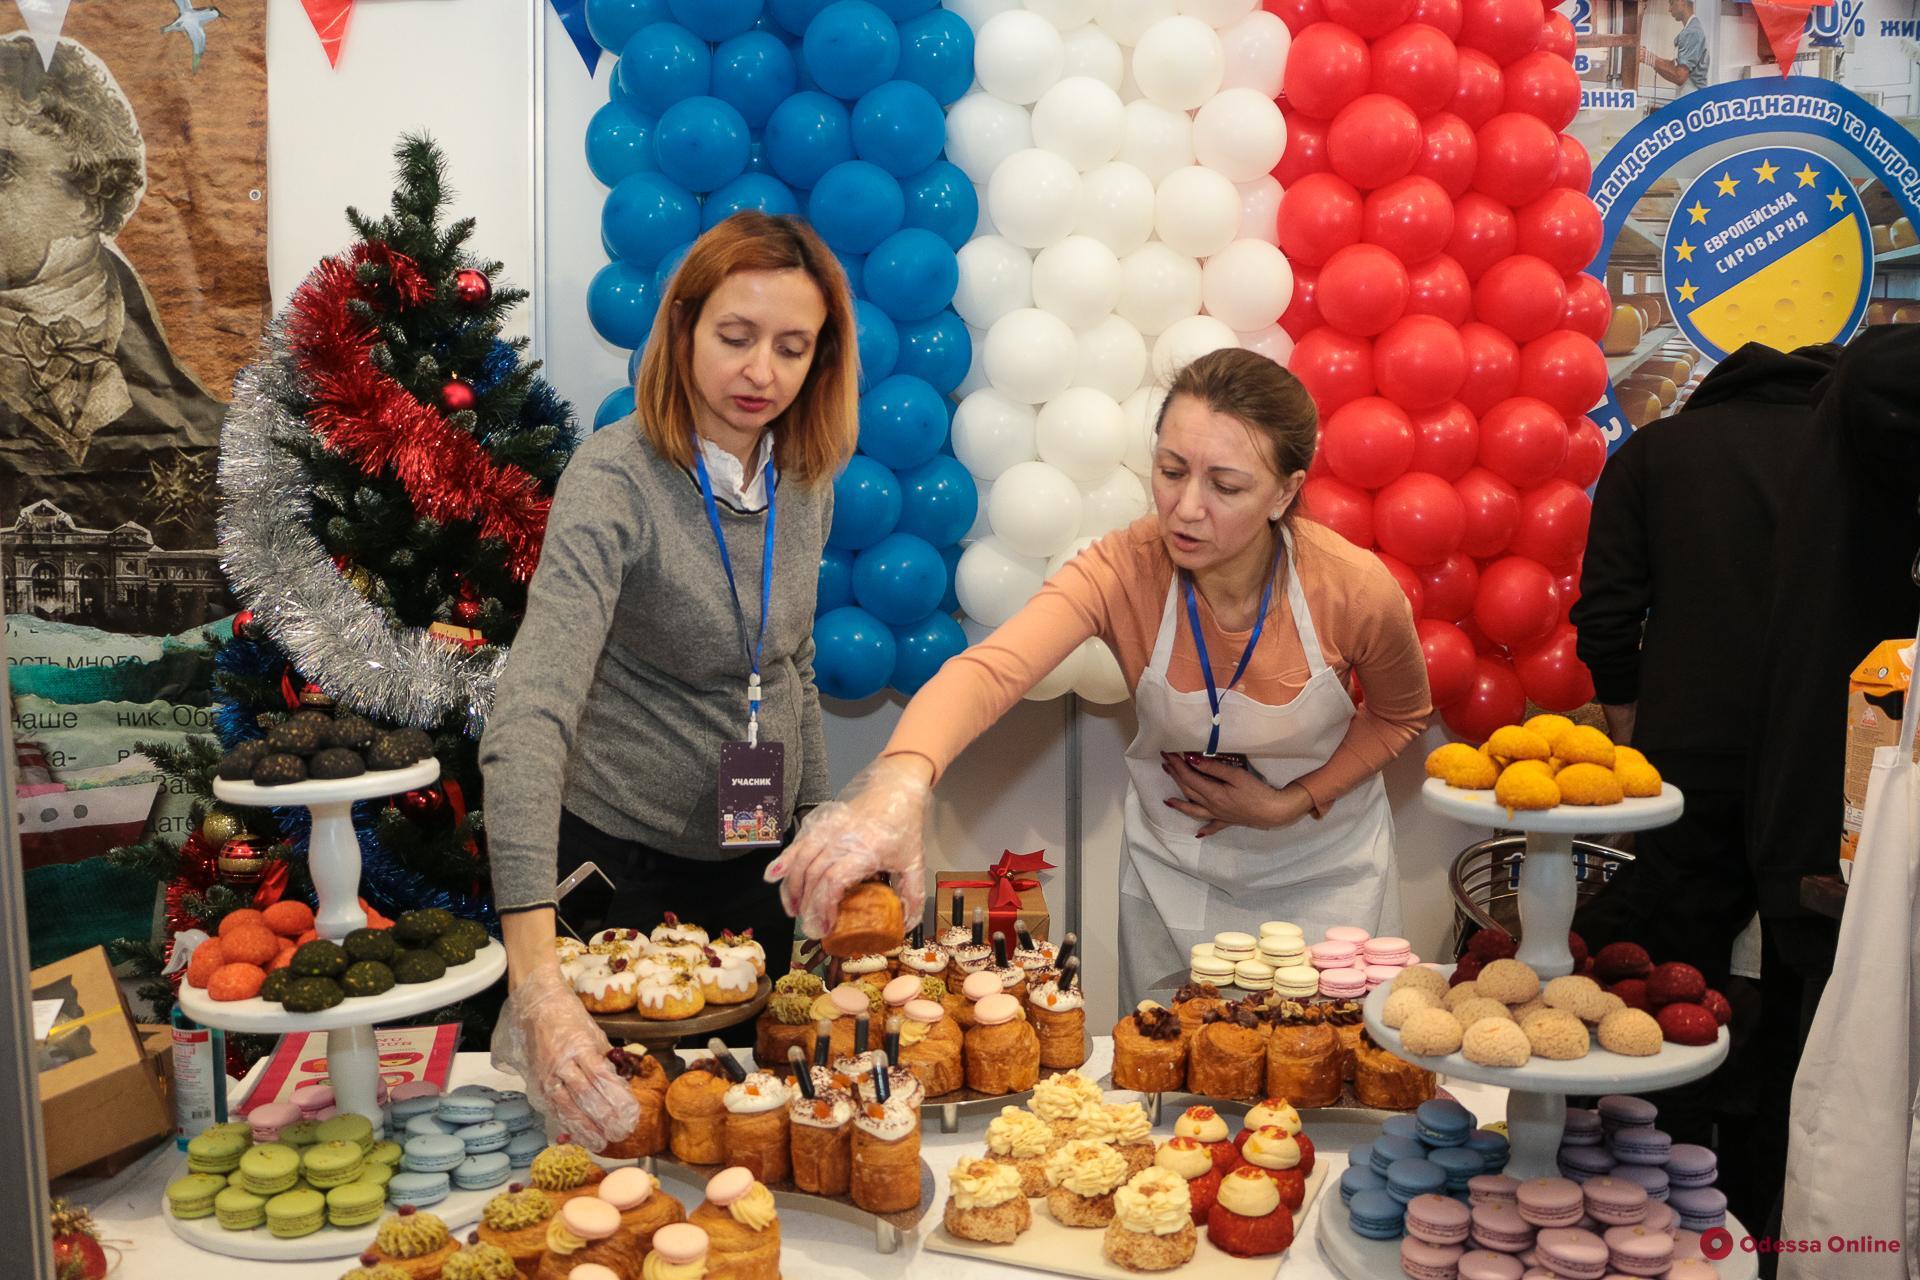 В Одессе состоялась благотворительная дипломатическая ярмарка (фото)